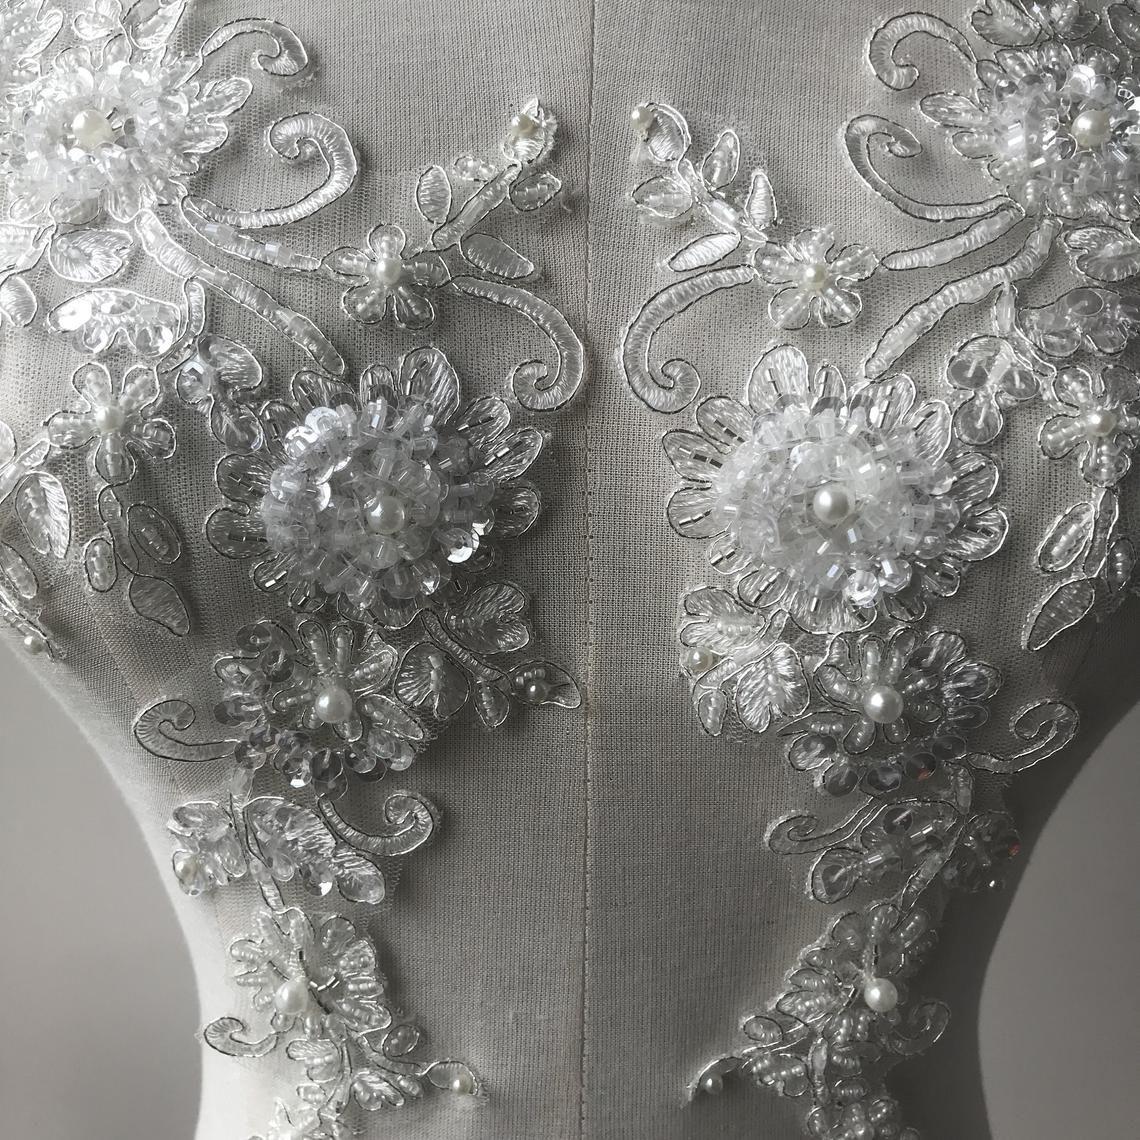 En dentelle de mariée Applique motif avec Perles Sequin Perle A Coudre sur Robe de mariée 1 paire